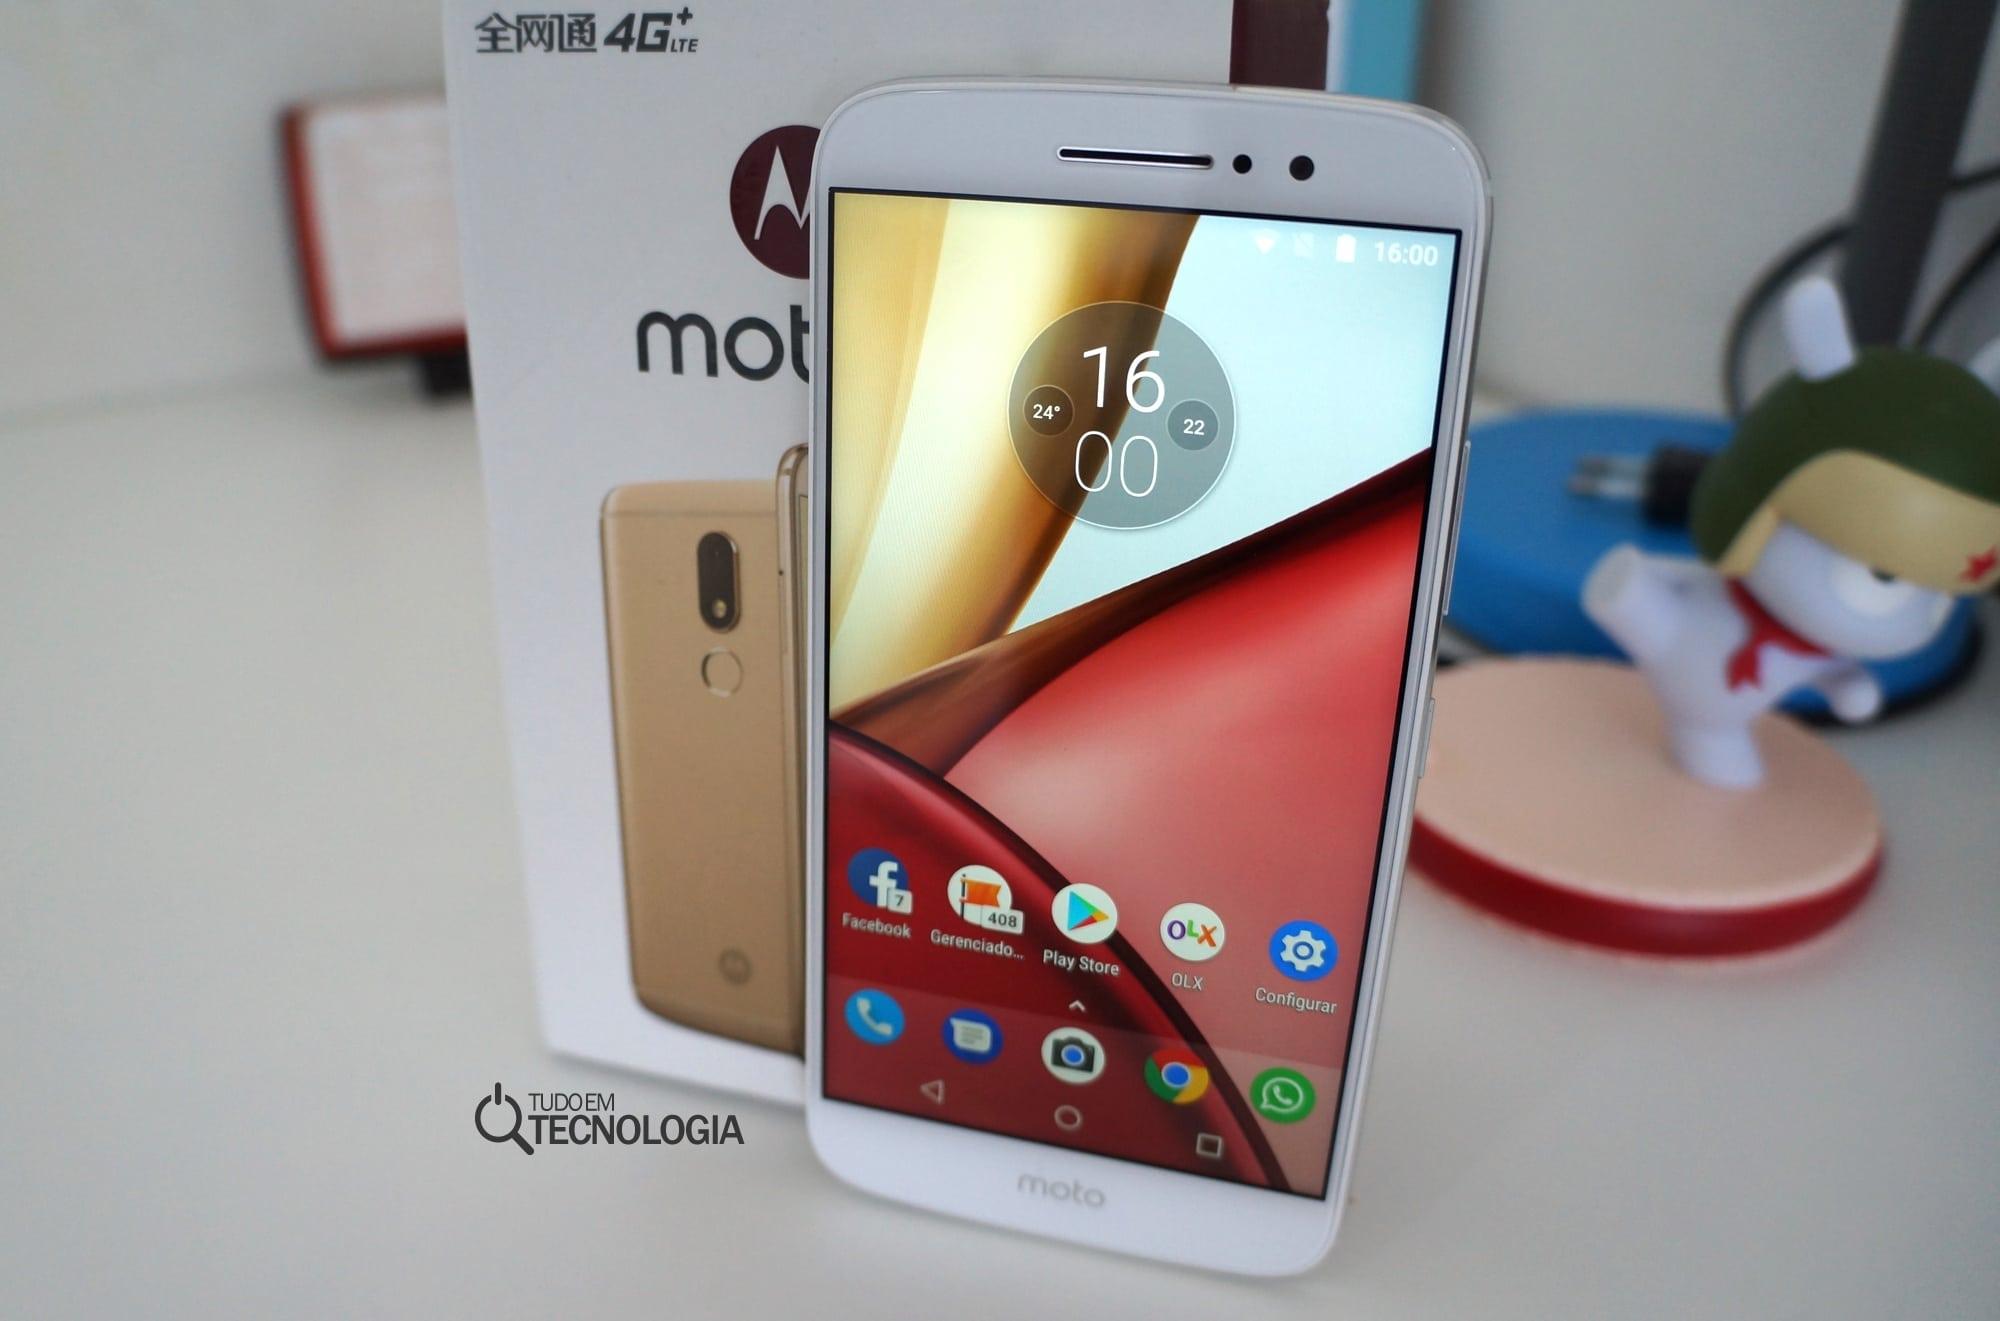 É possível instalar Android 7 0 Nougat no Moto M comprado na China